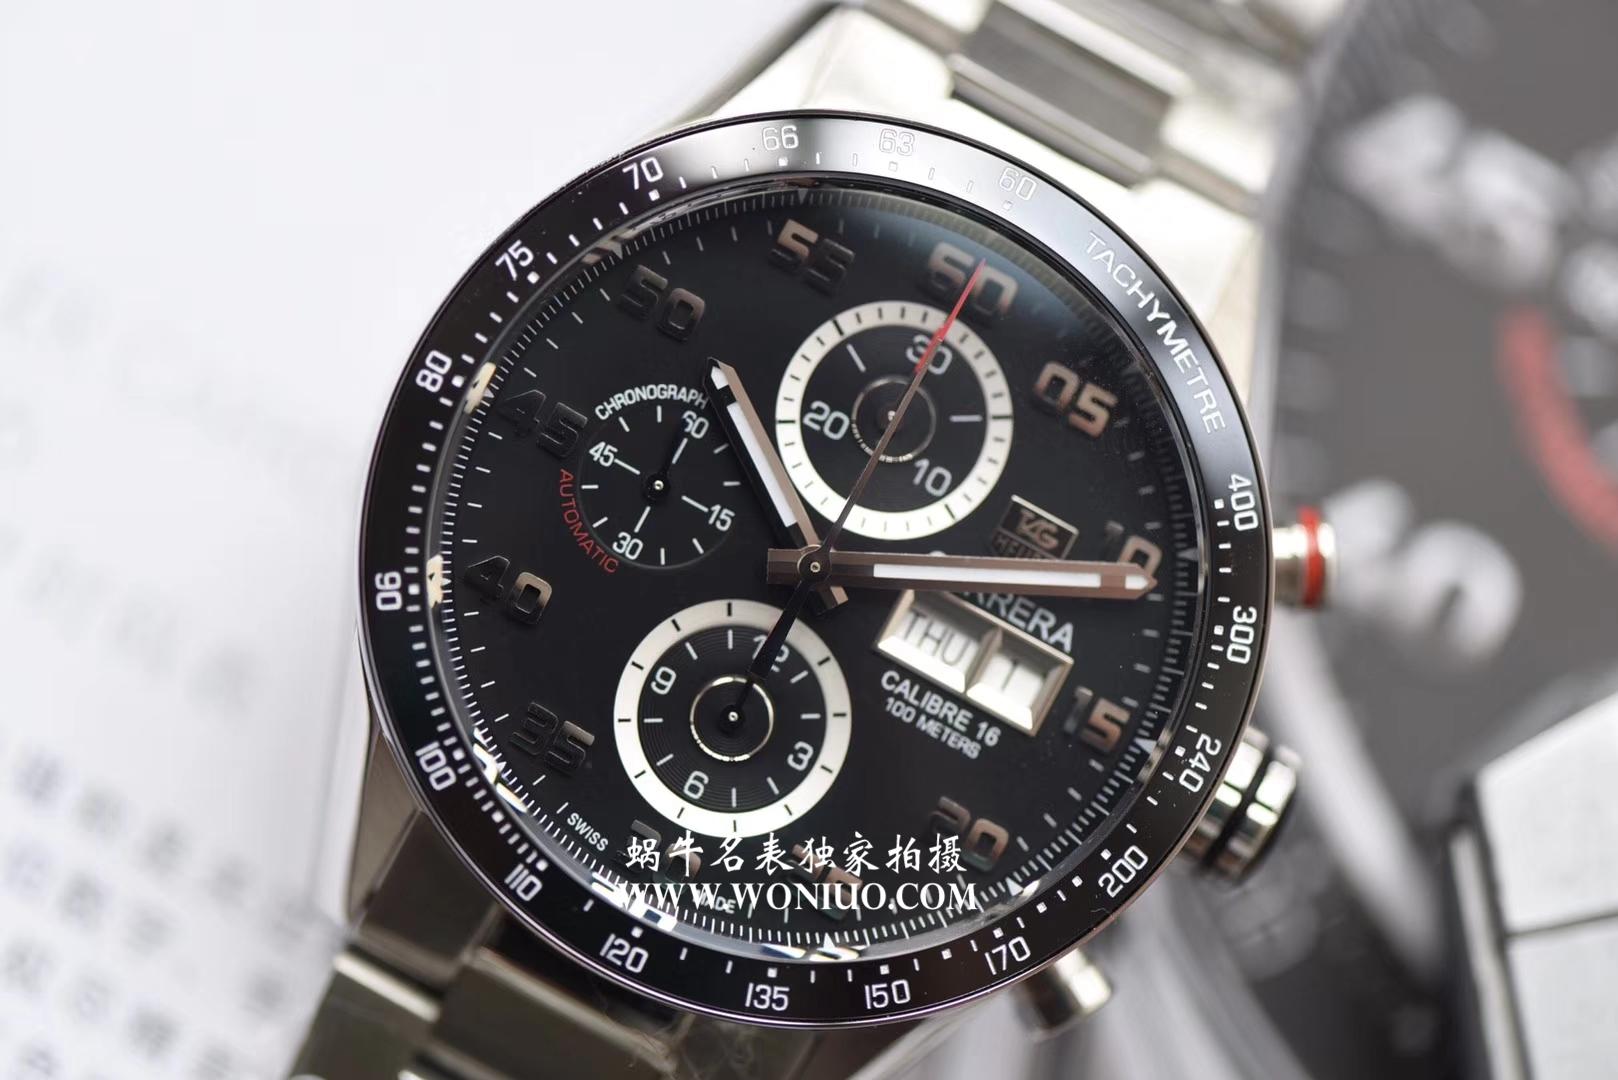 泰格豪雅卡莱拉星期日历型计时腕表 官方型号:CV2A1S.BA0799